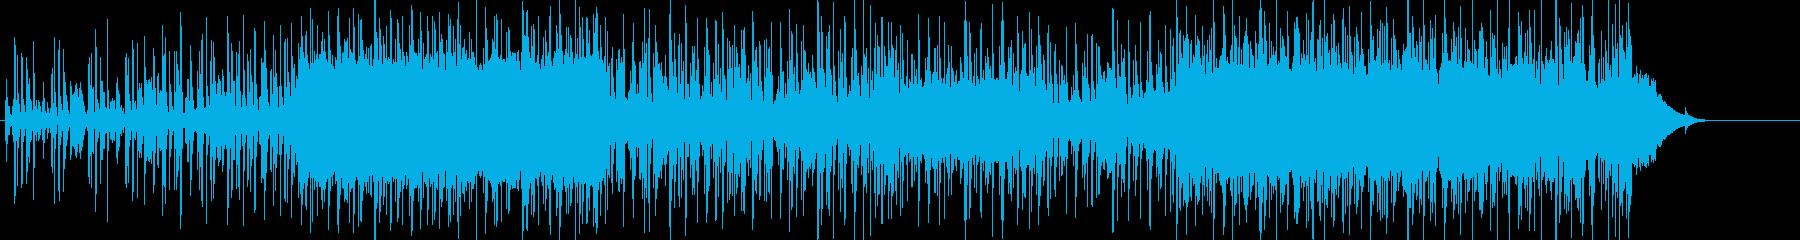 尾行シーンのBGM / サイケなBGMの再生済みの波形